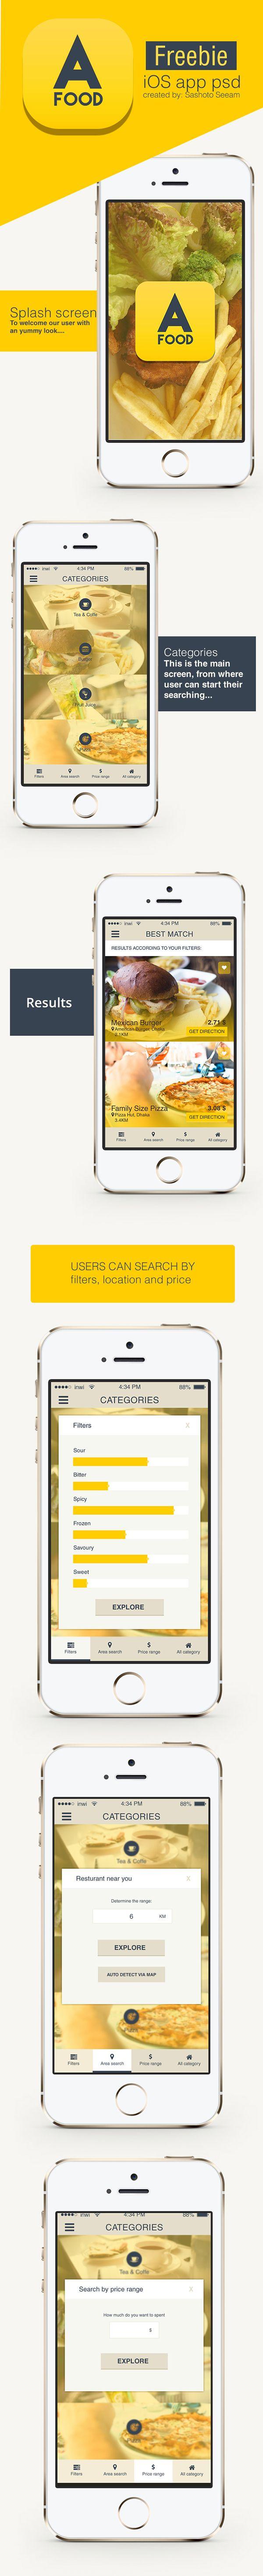 Freebie: iOS Restaurant Finder App on Behance